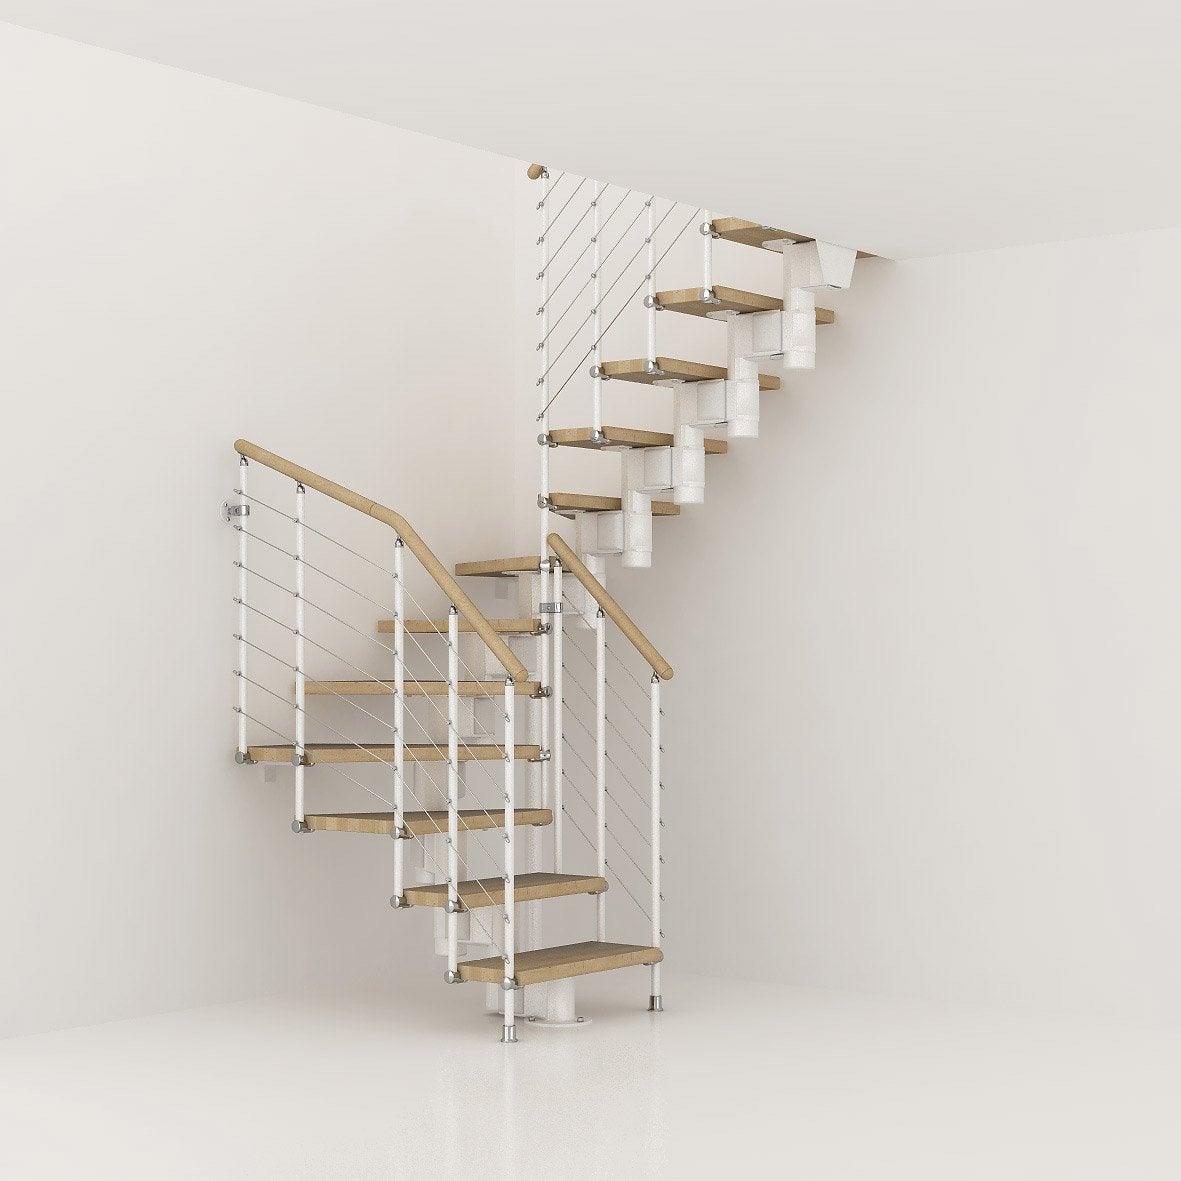 Escalier long line pixima modulaire en bois et m tal 12 - Marche escalier leroy merlin ...